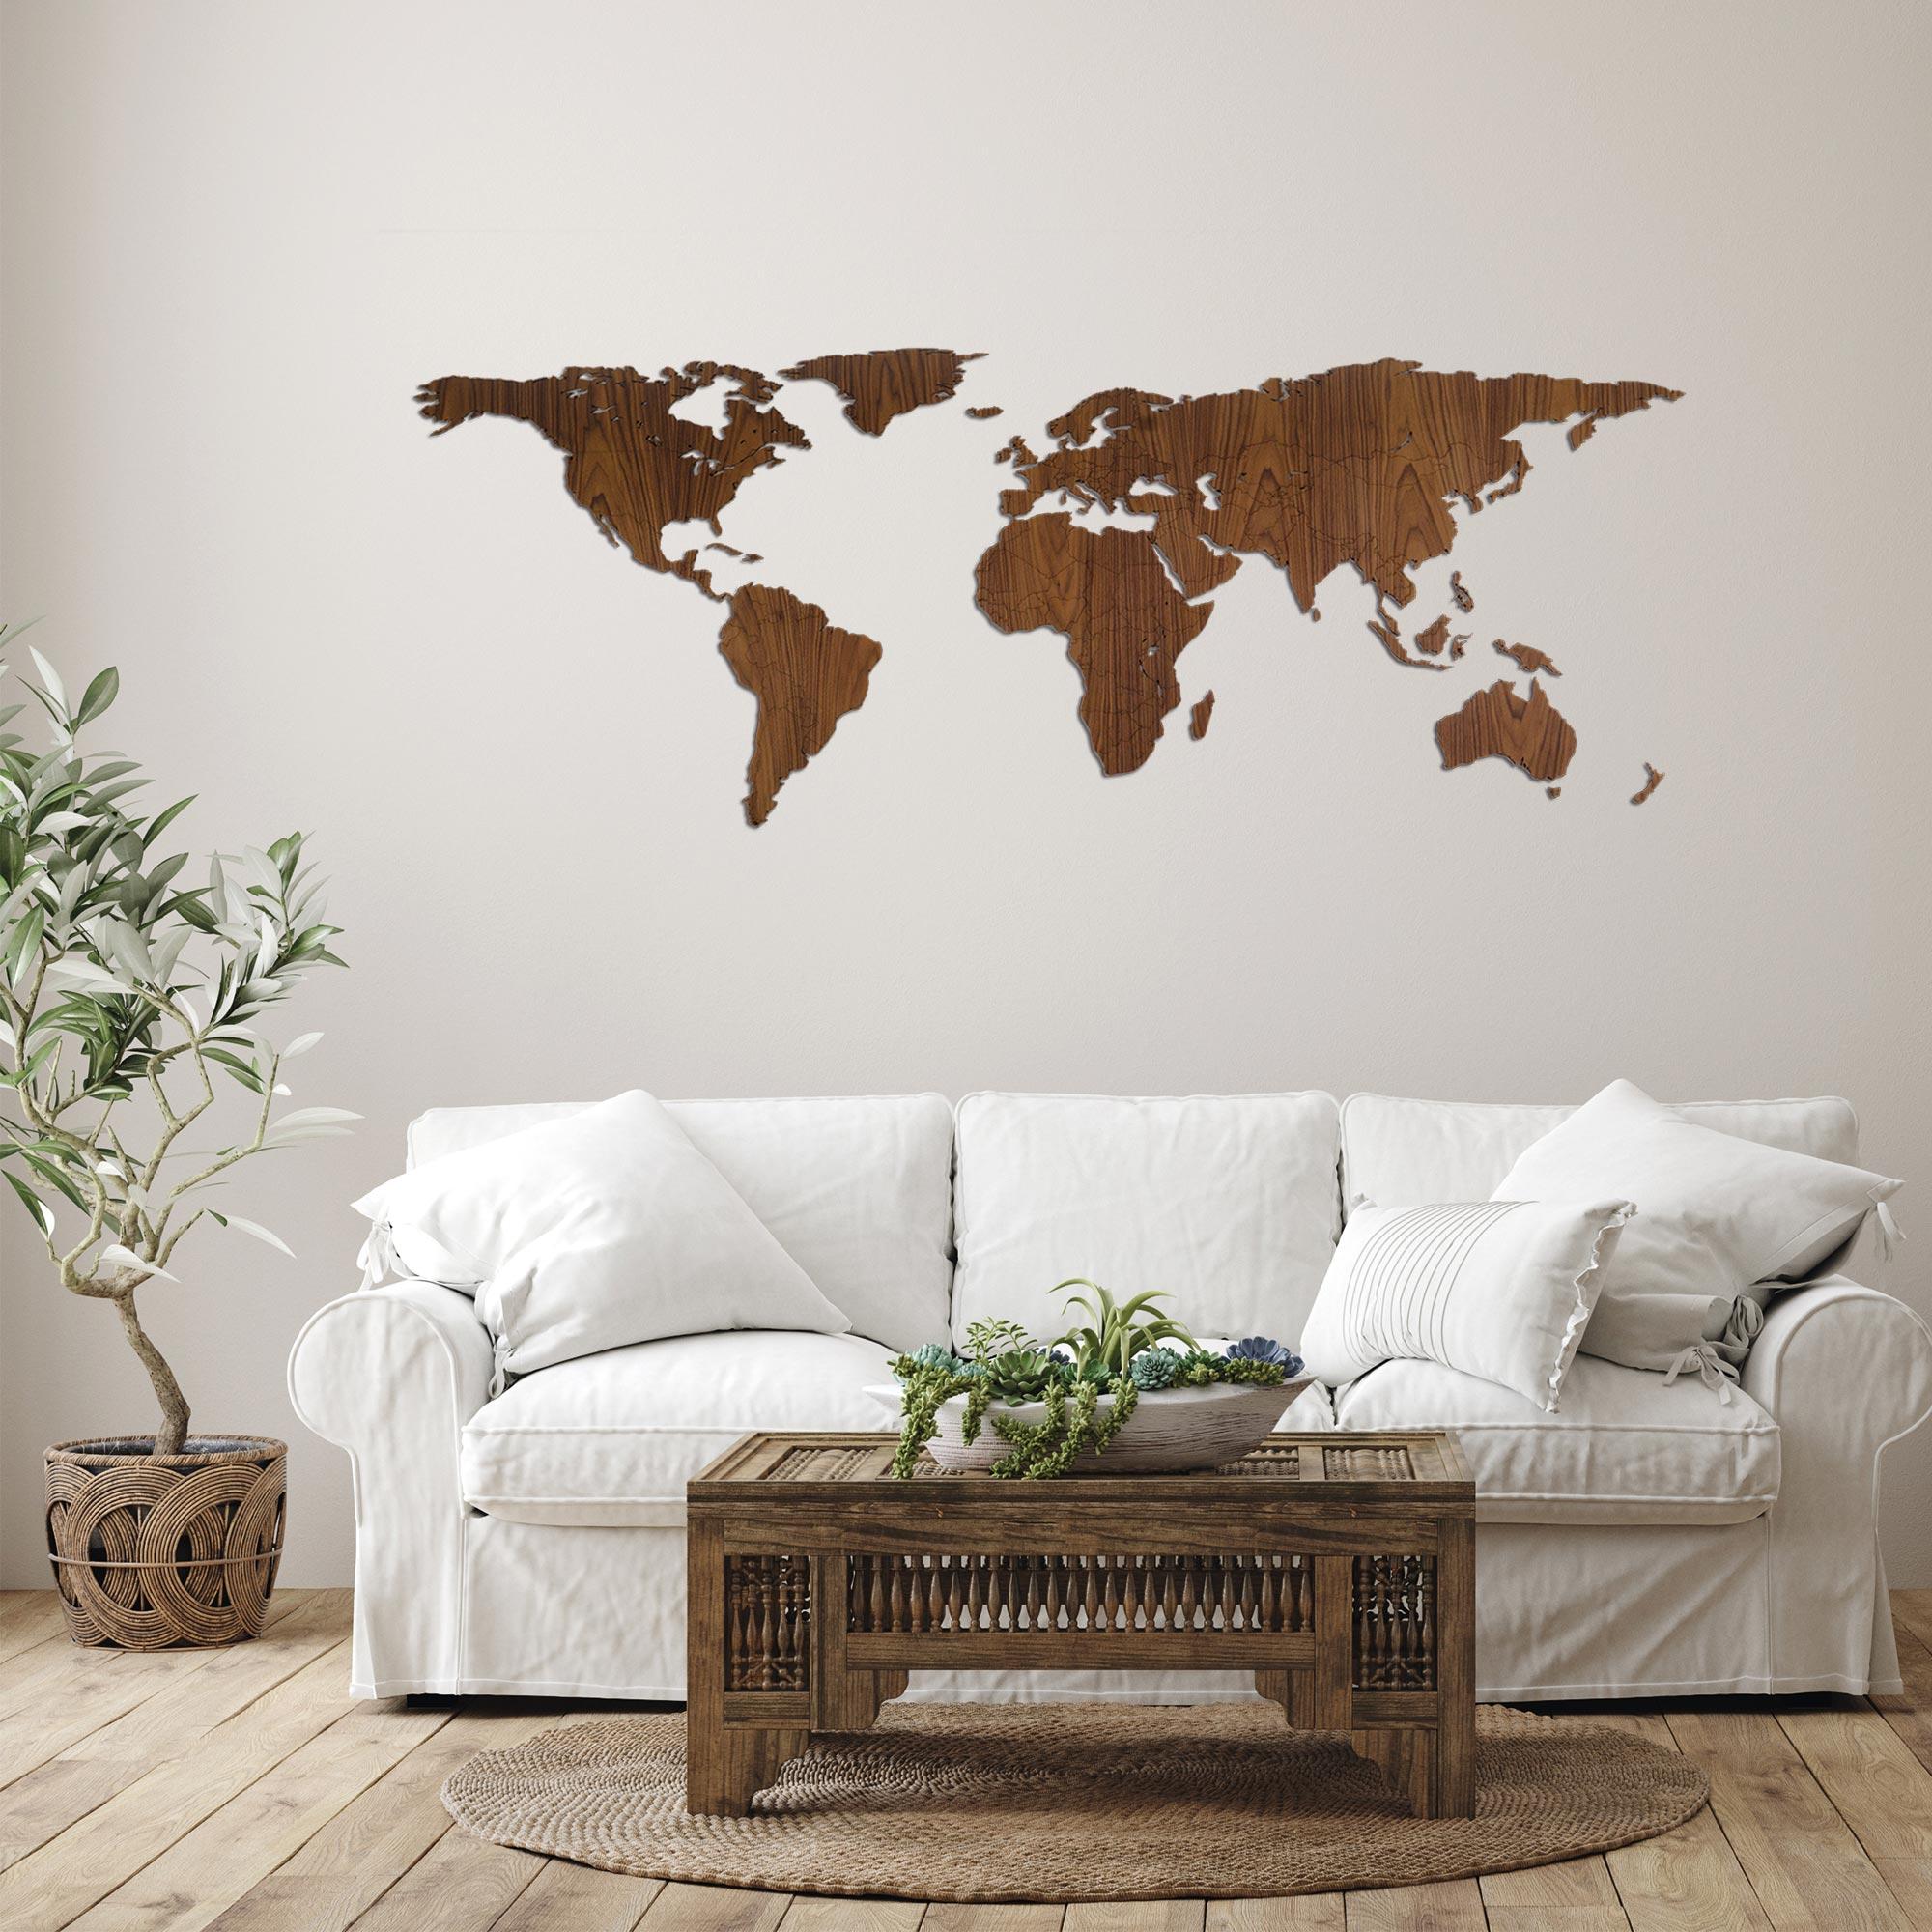 Beste Houten wereldkaart - Walnoten - Unieke wand decoratie voor elk GC-91